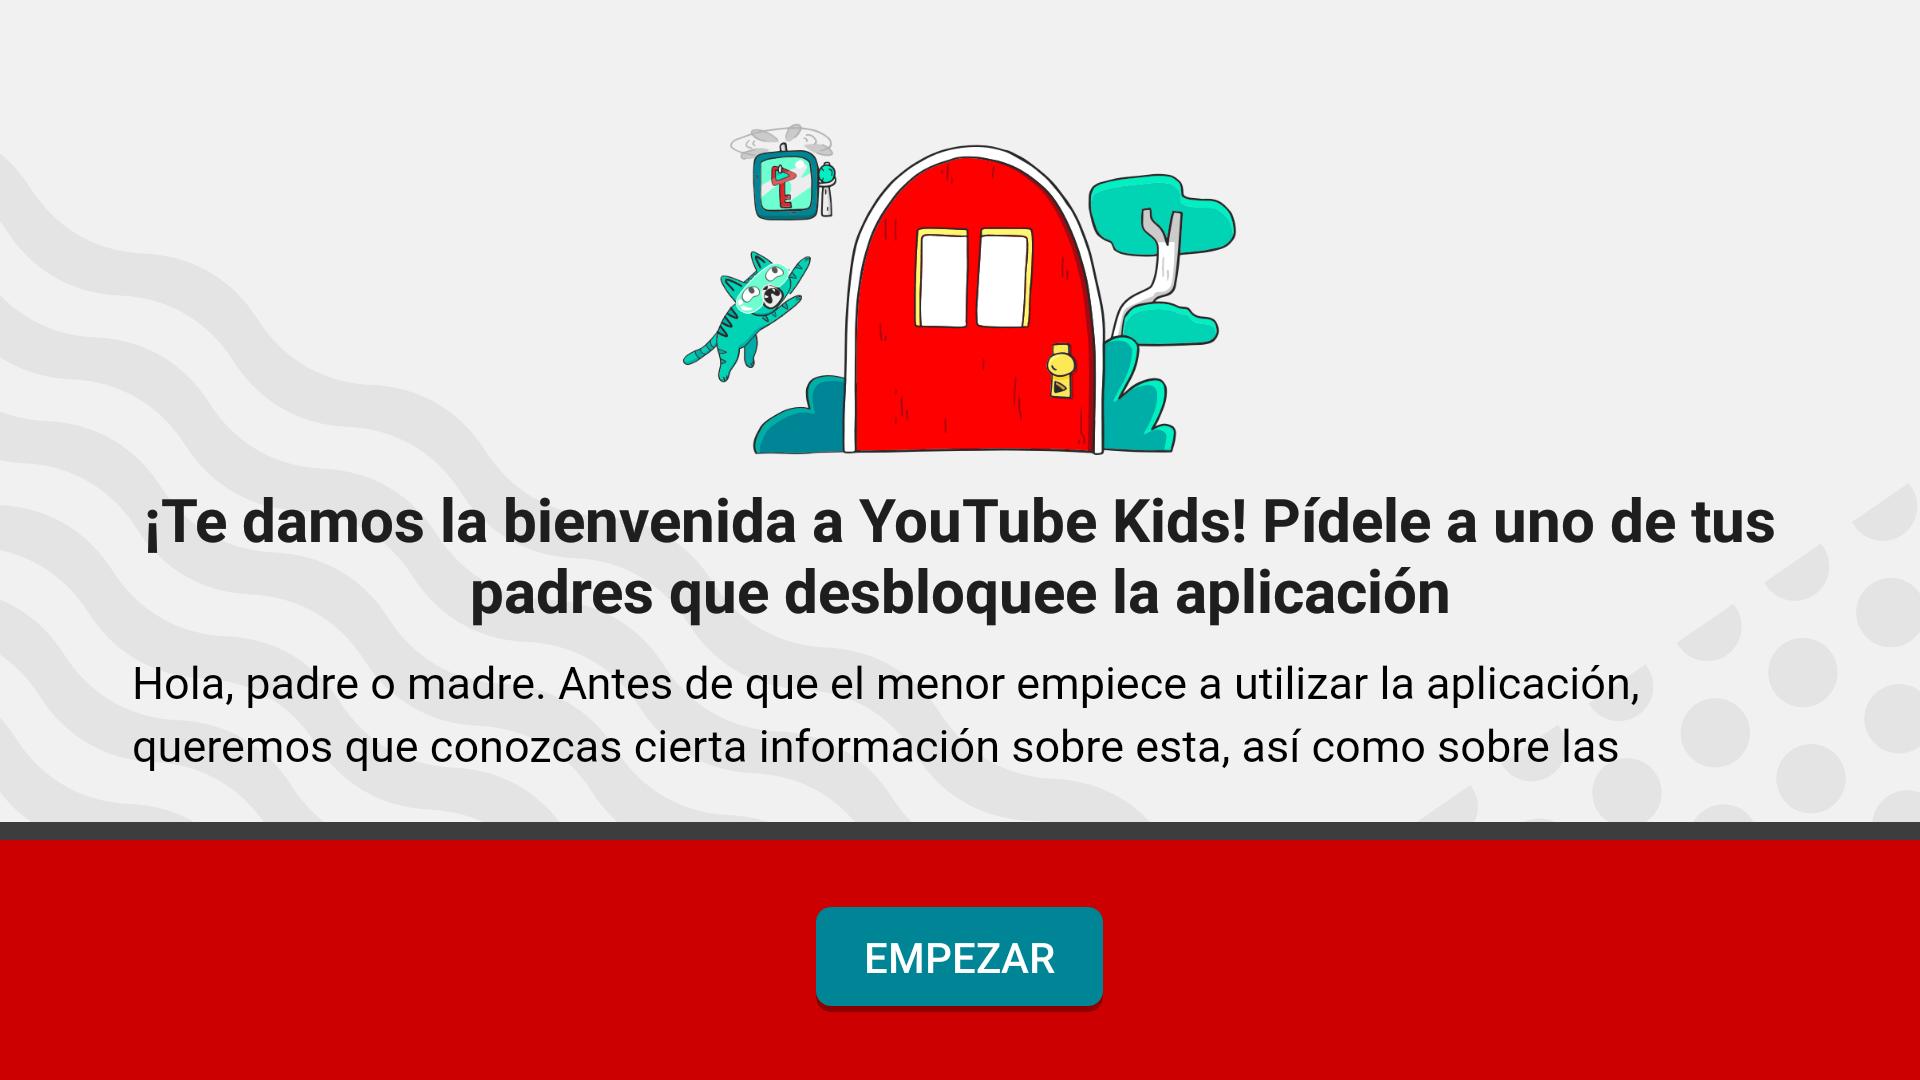 bienvenida youtube kids - Guide de contrôle parental 2021 - Garantissez la sécurité de vos enfants sur Internet.